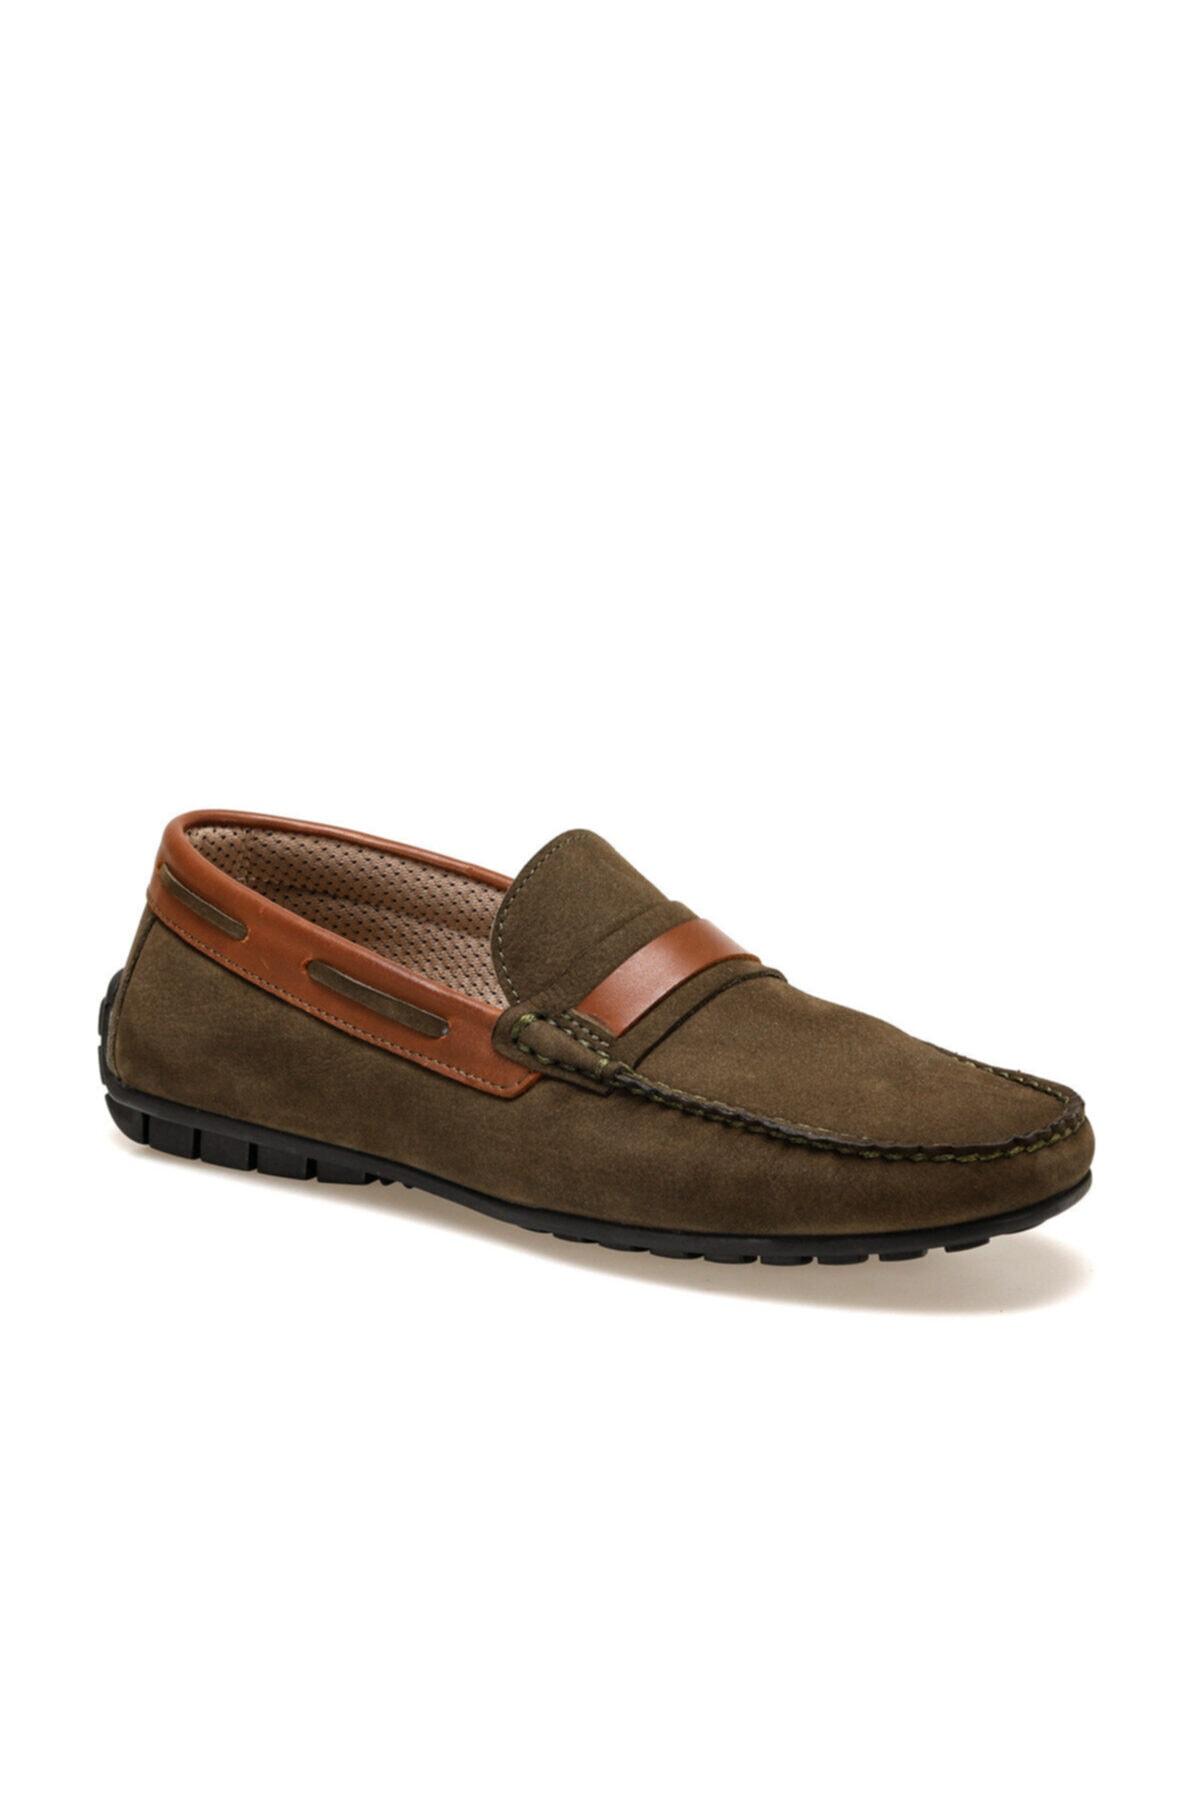 OXIDE LF80 Haki Erkek Loafer Ayakkabı 100518284 1